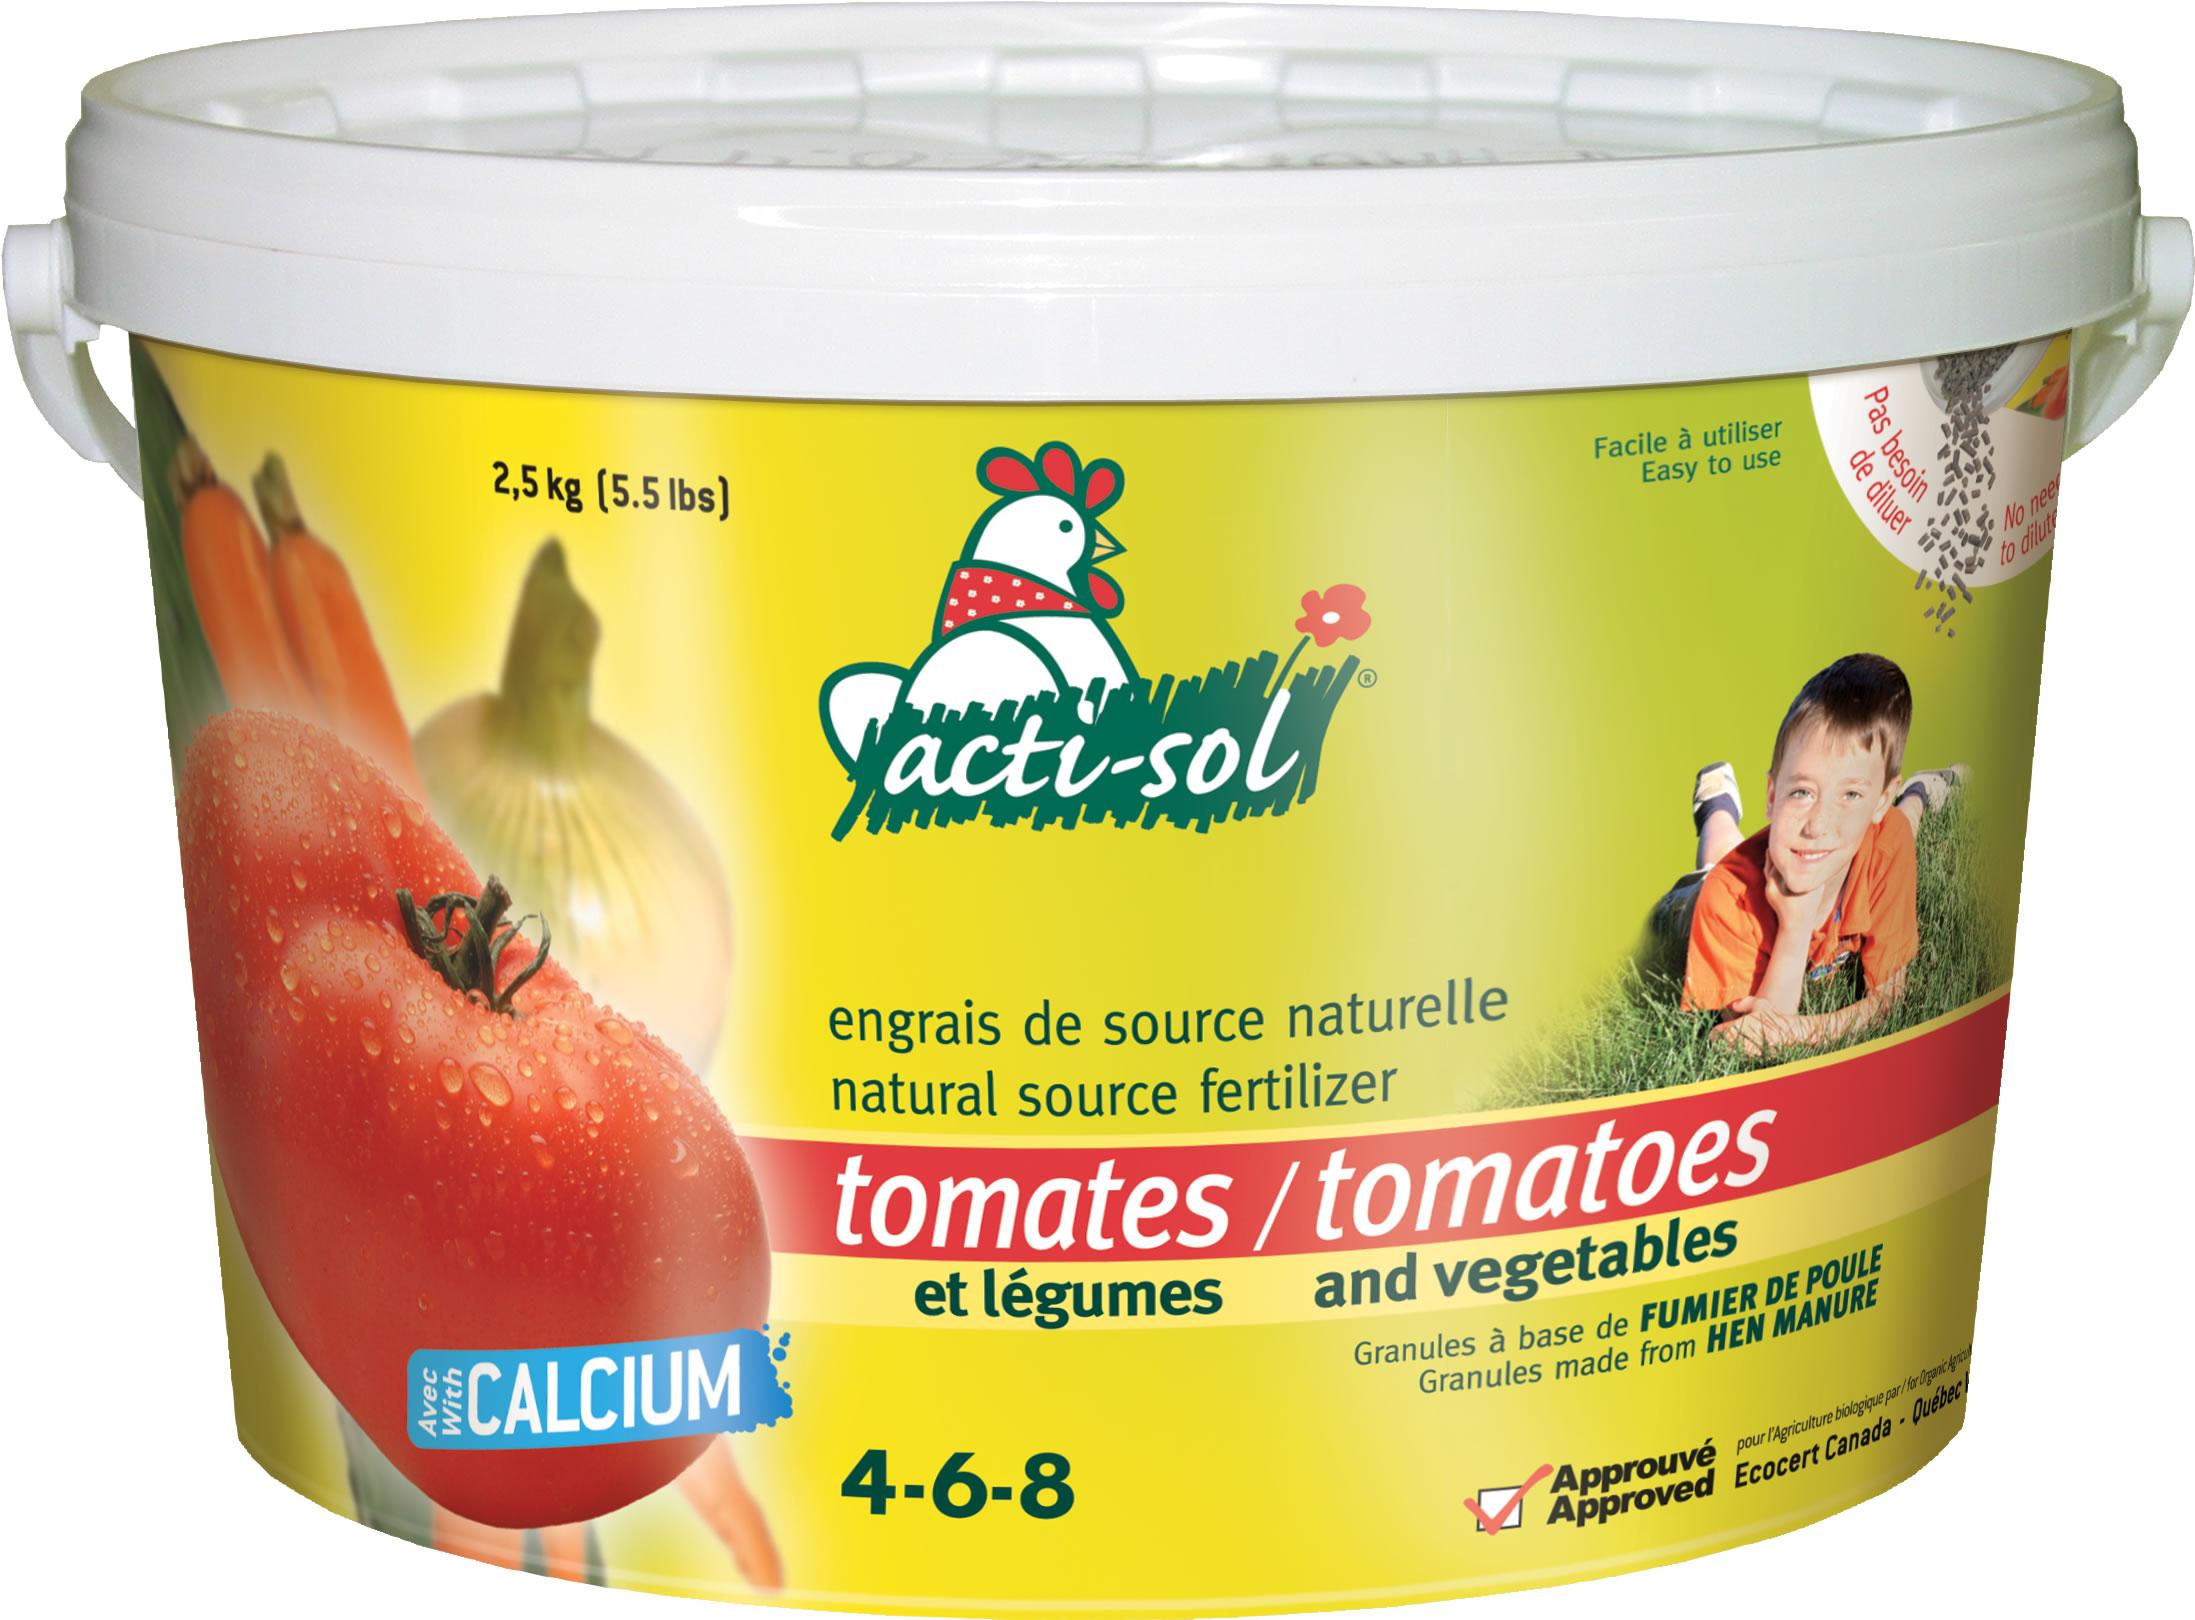 engrais tomates et l gumes 4 6 8 acti sol nos produits horticoles et de jardinage jardin2m. Black Bedroom Furniture Sets. Home Design Ideas